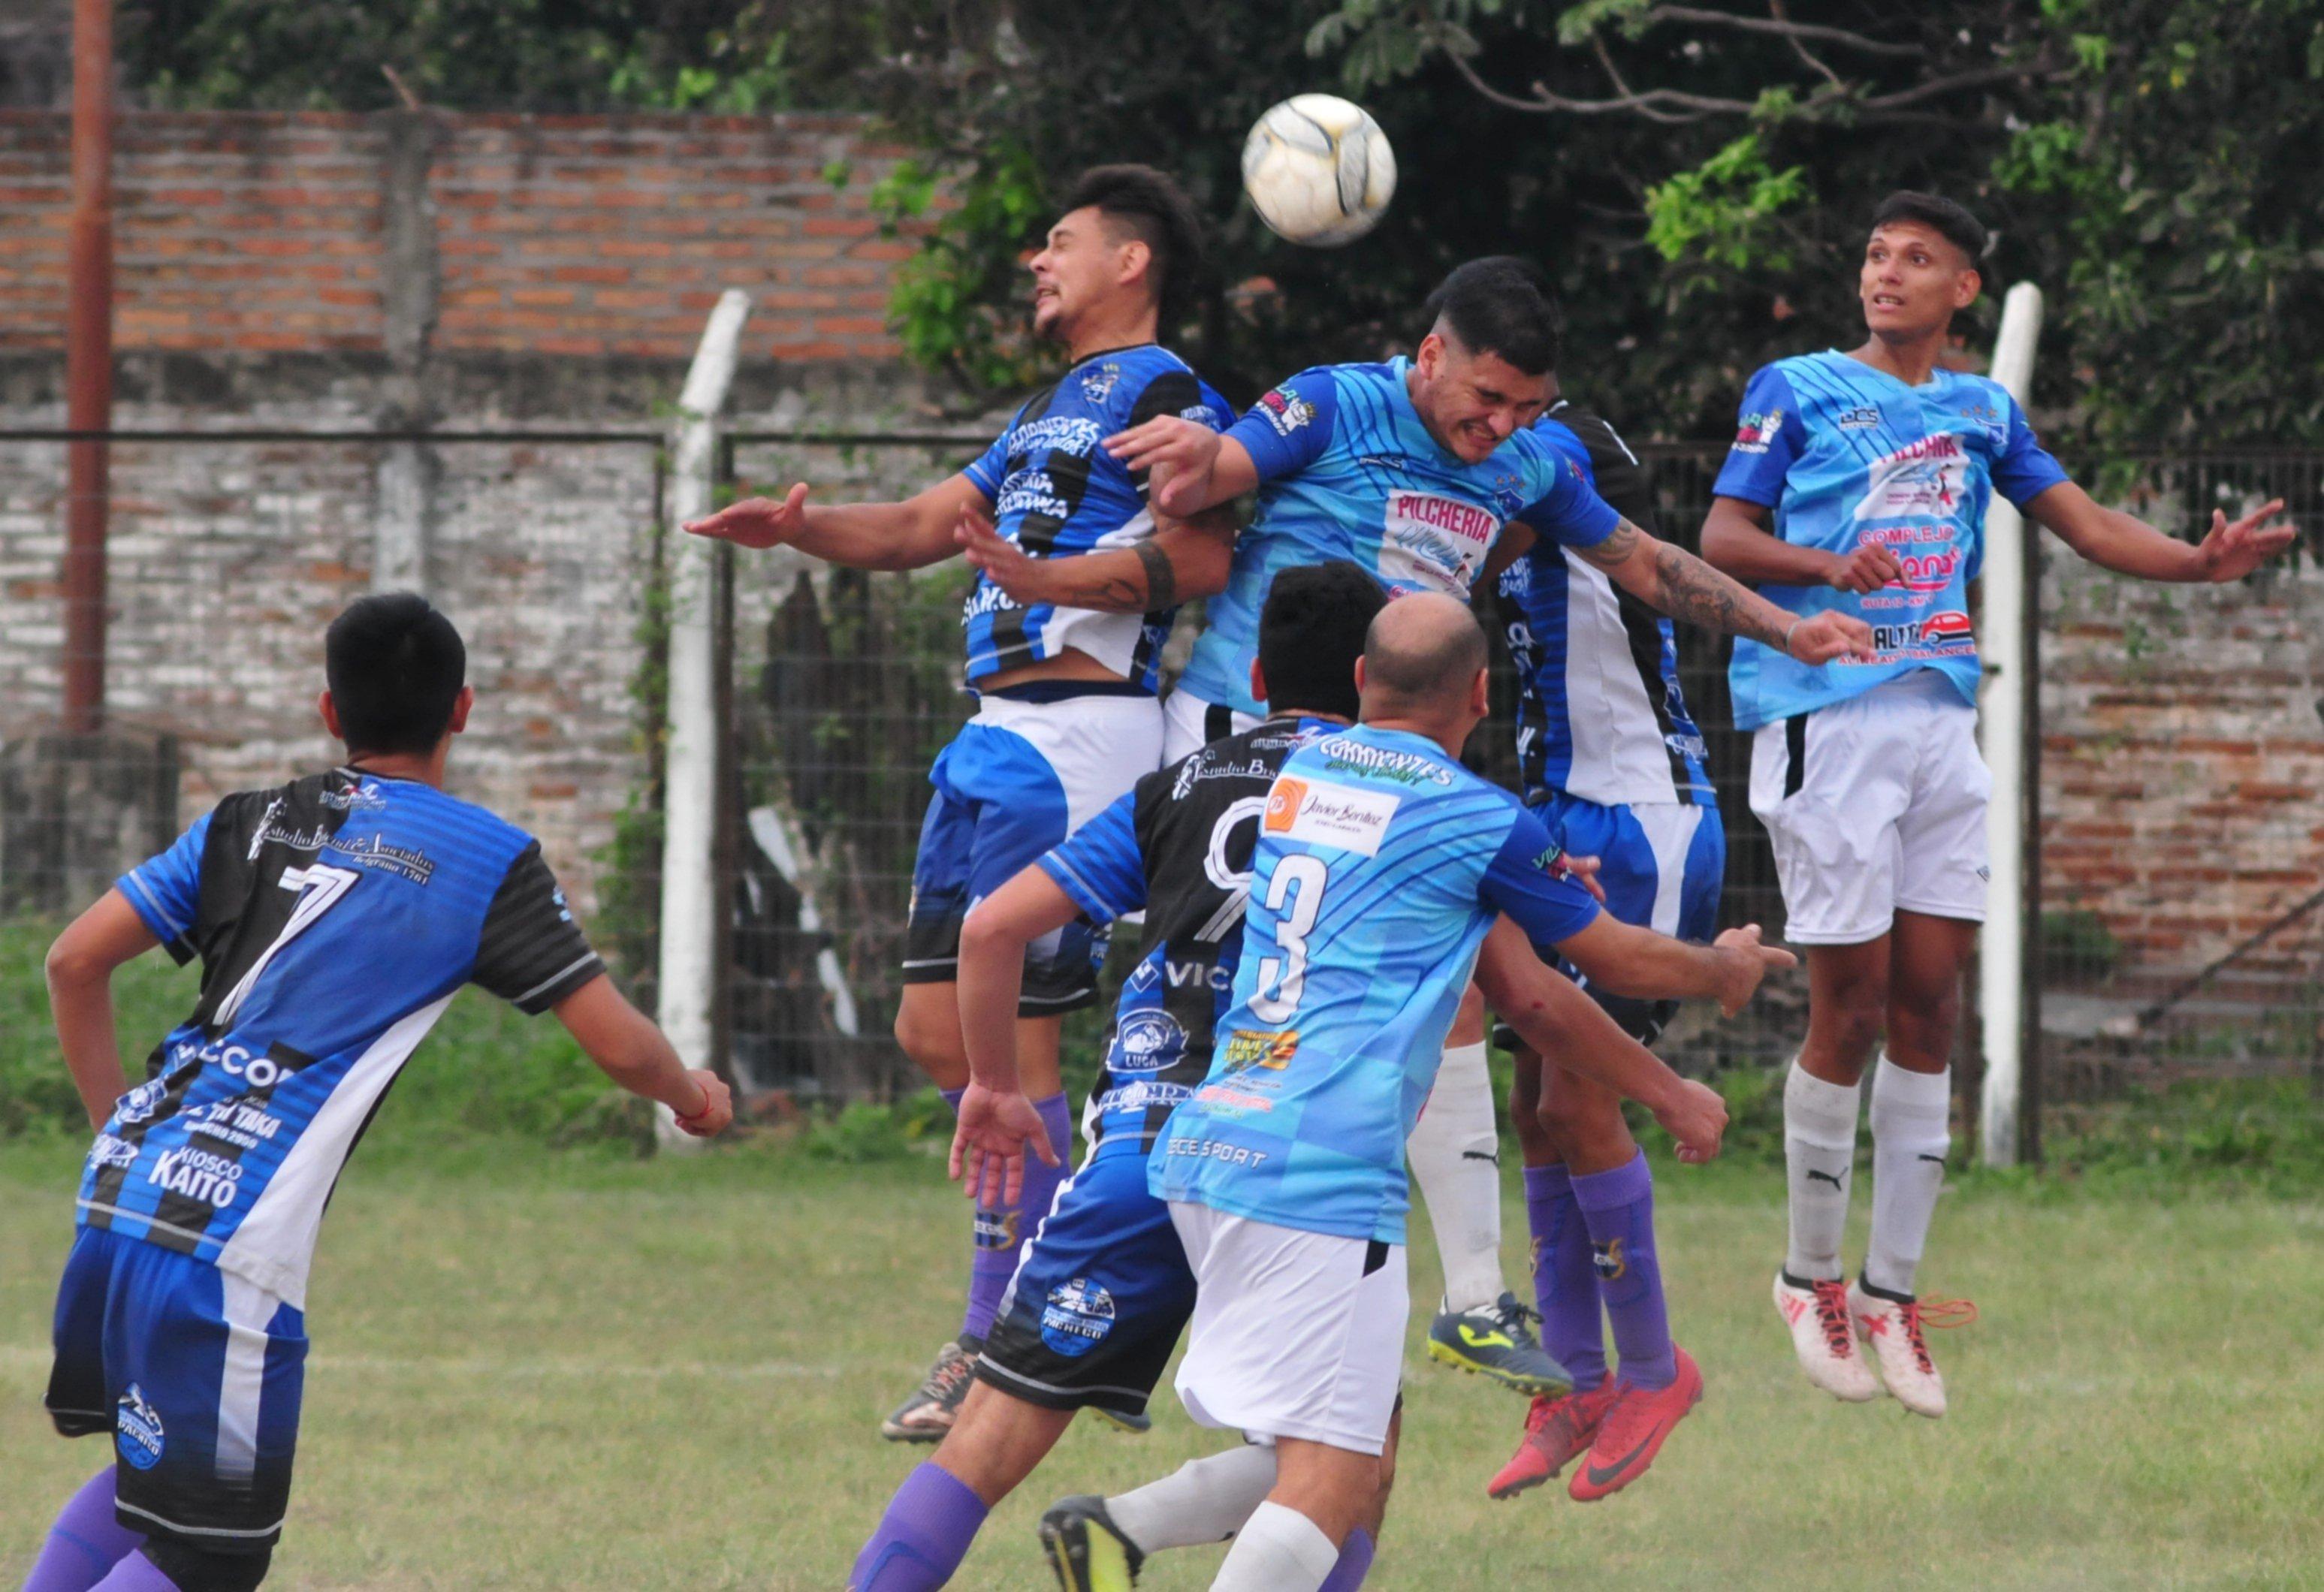 <p>En el aire. Jugadores de Curupay e Invico se disputan una pelota que llega por lo alto durante el partido de ayer en Sportivo.</p>